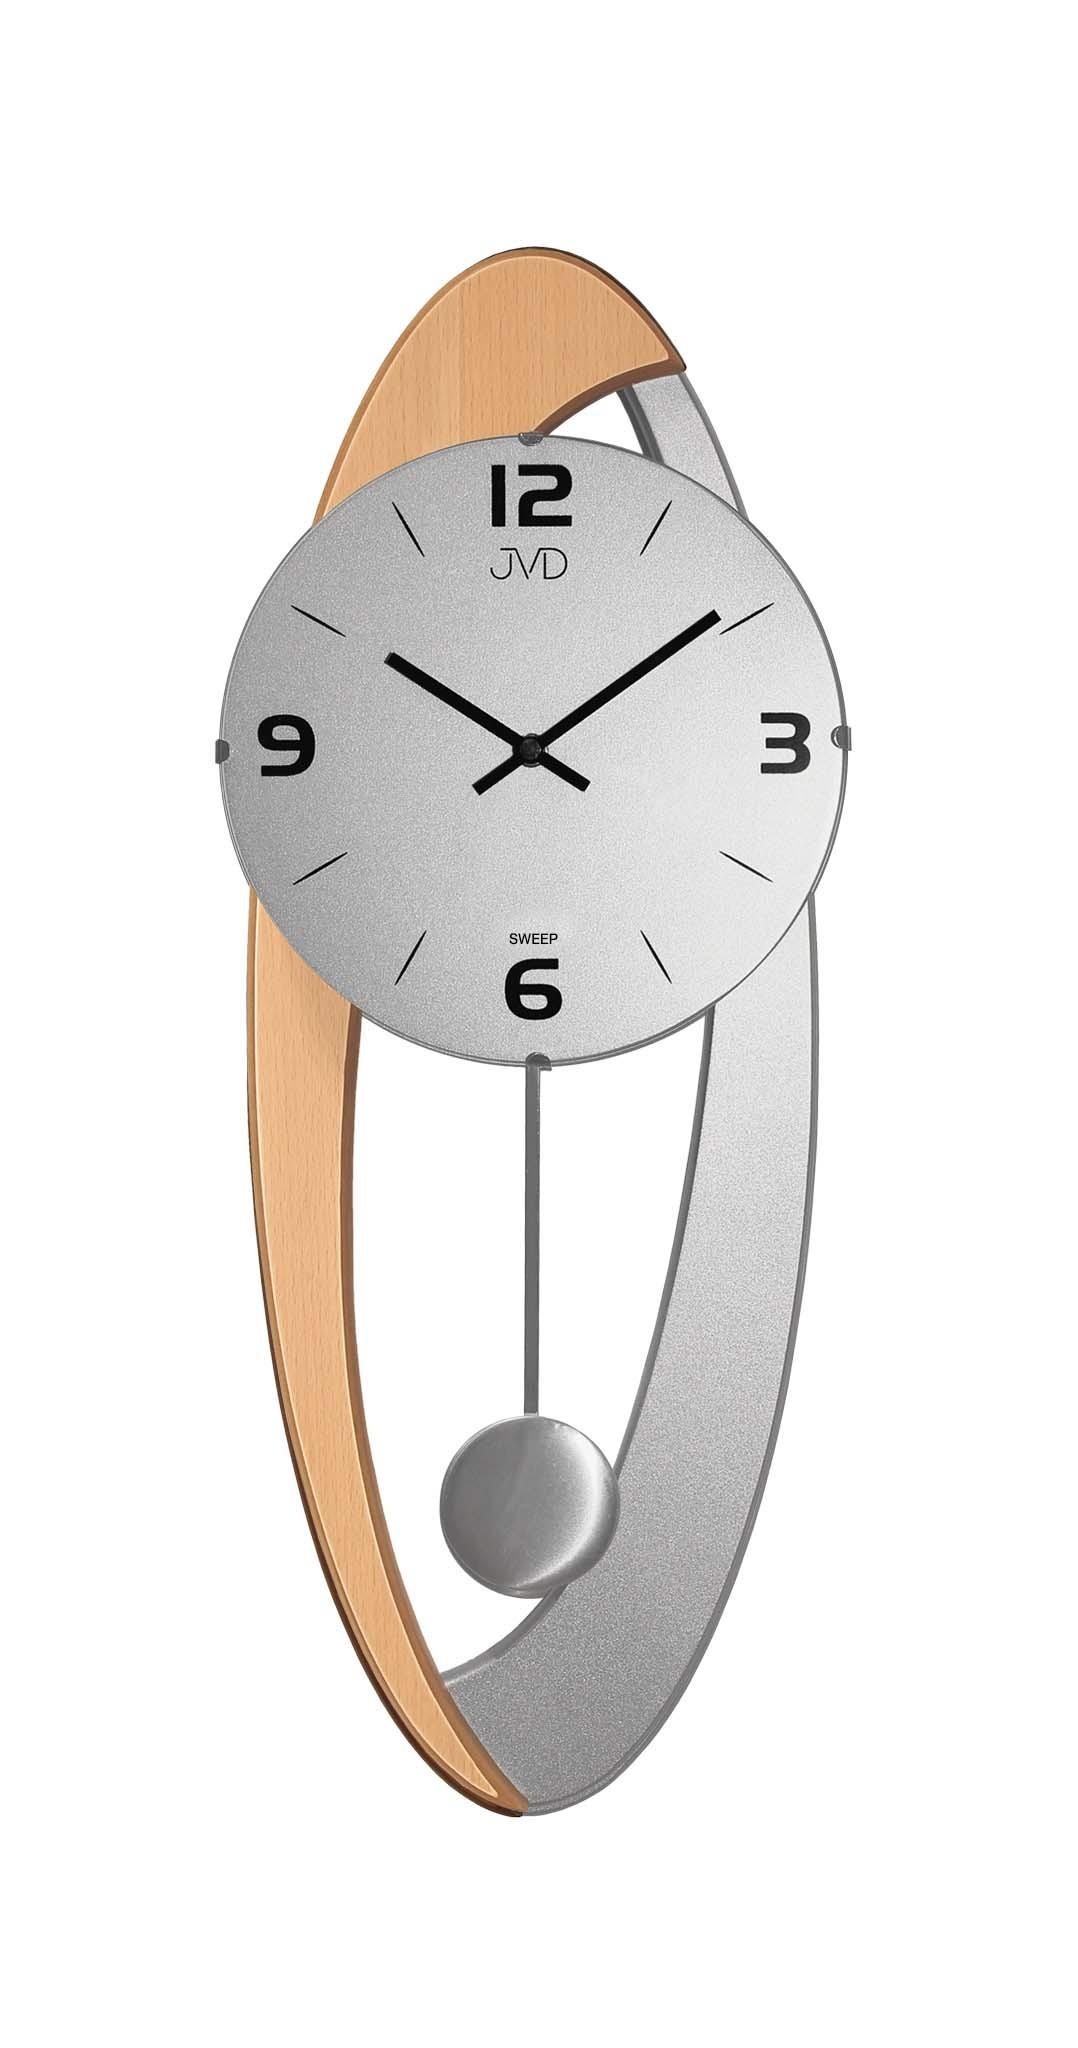 Dřevěné skleněné designové kyvadlové netikající nástěnné hodiny JVD NS15021/68 (POŠTOVNÉ ZDARMA!!)